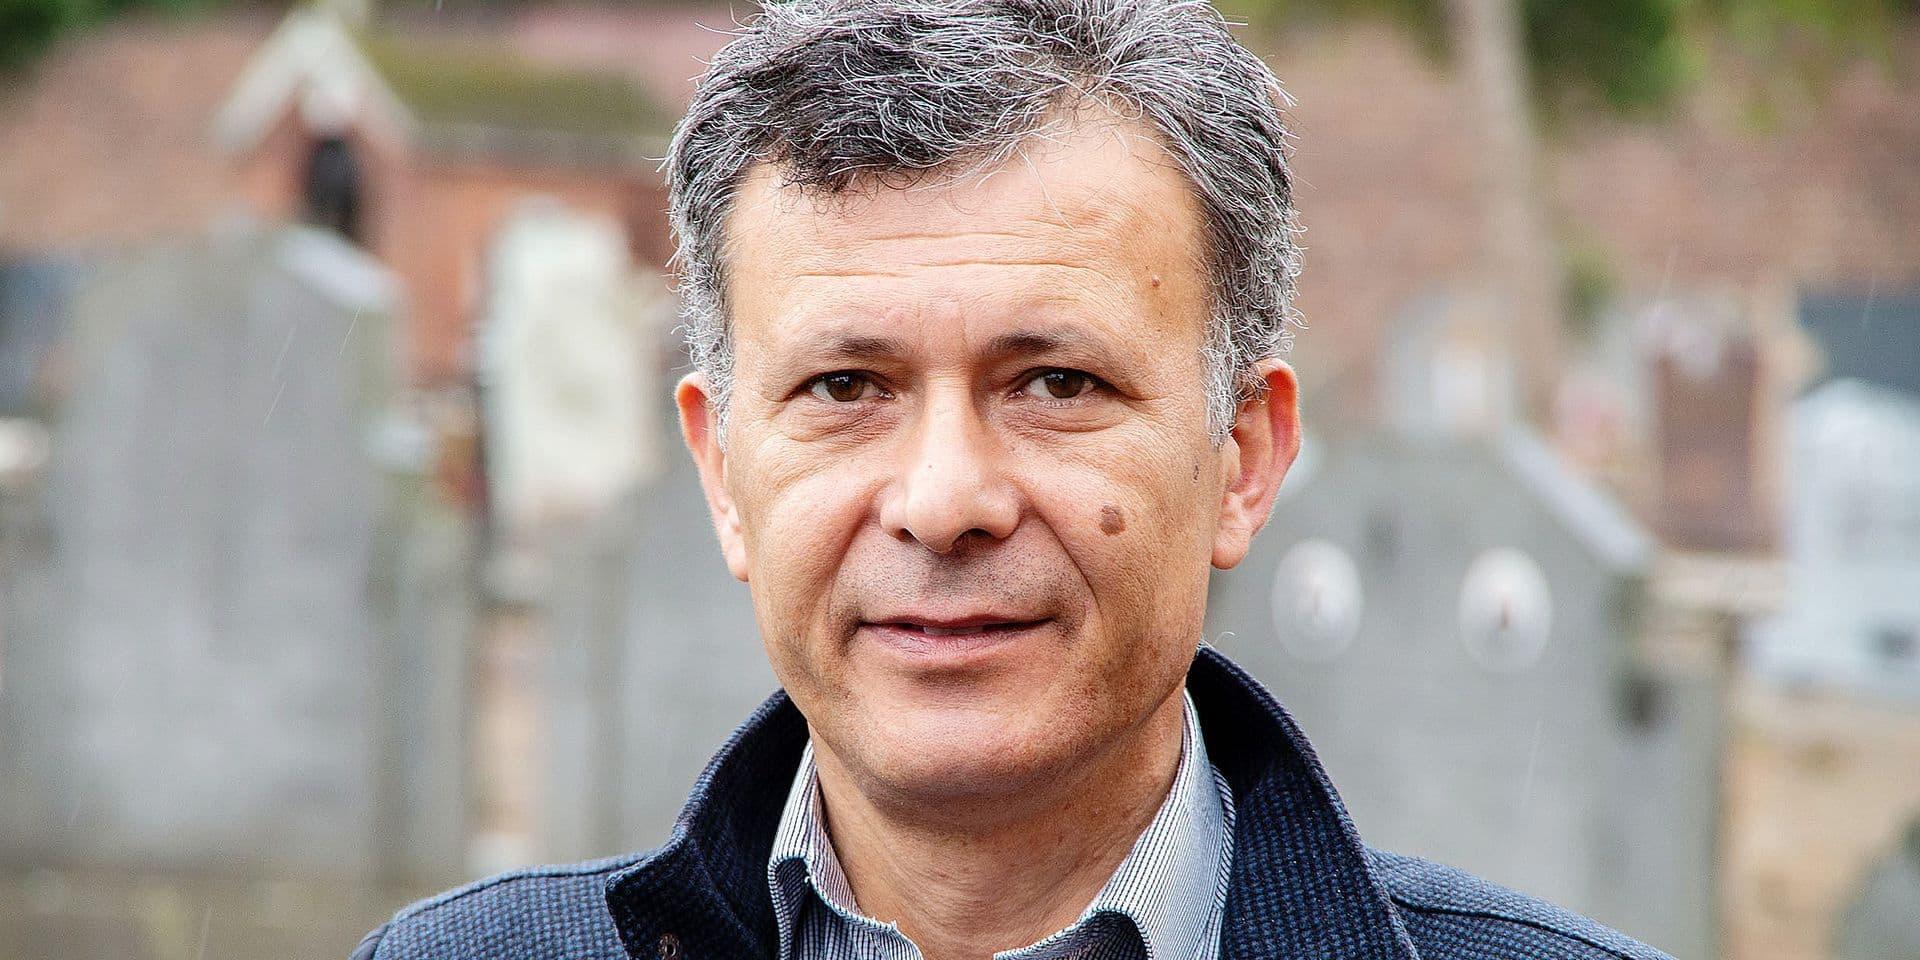 Charleroi: mariages, naissances, propreté, les marchés, Mahmut Dogru fait le point